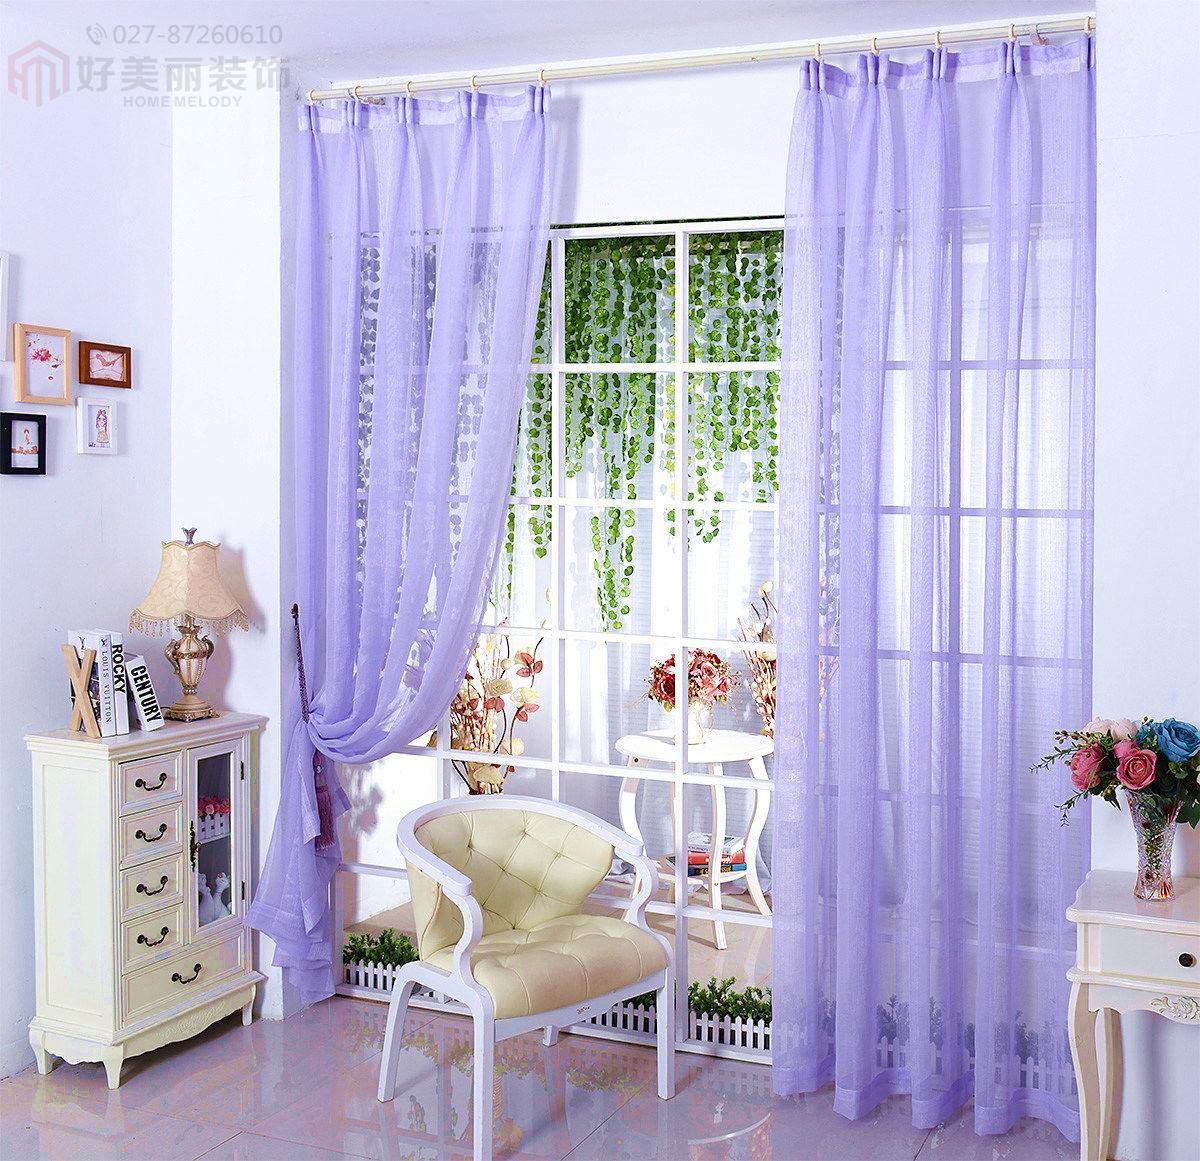 这样的客厅,配上浅蓝色的欧式沙发,,想装个紫色的窗帘